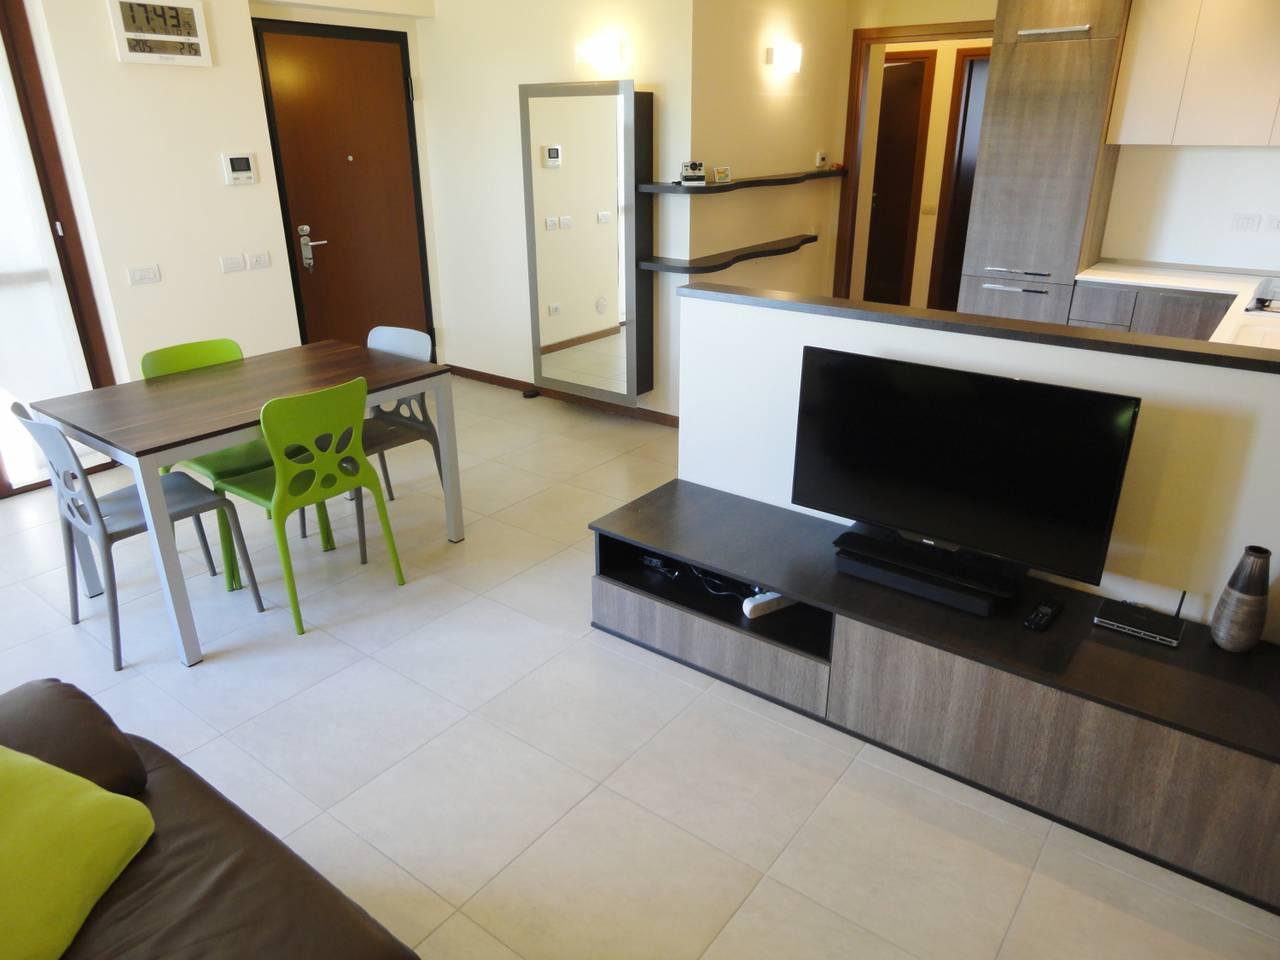 Appartamento-luminoso-in-vendita-a-Burago-di-Molgora-11